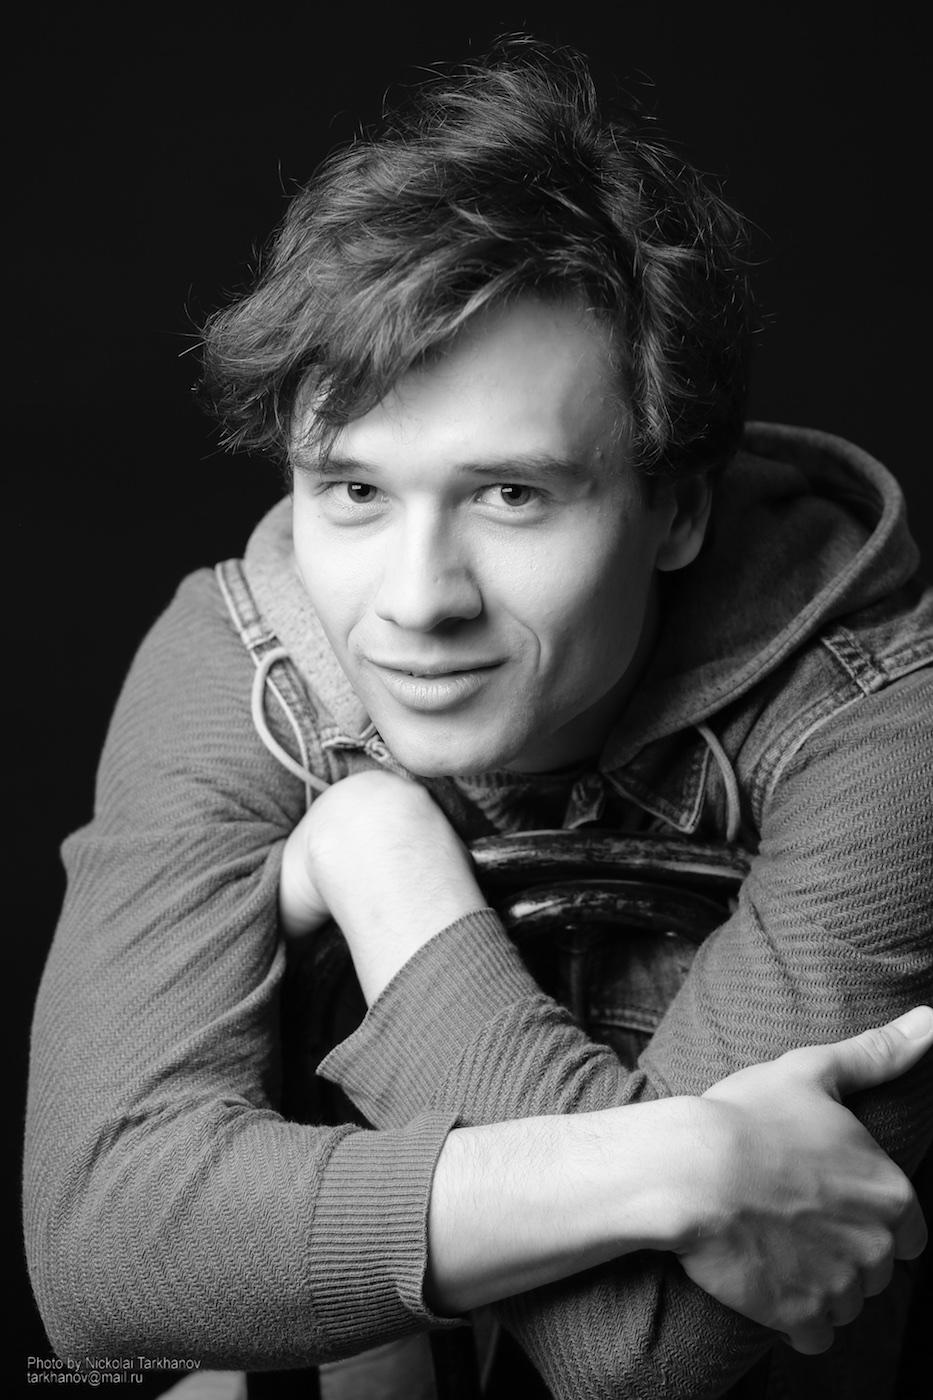 Фотография Николая Тарханова